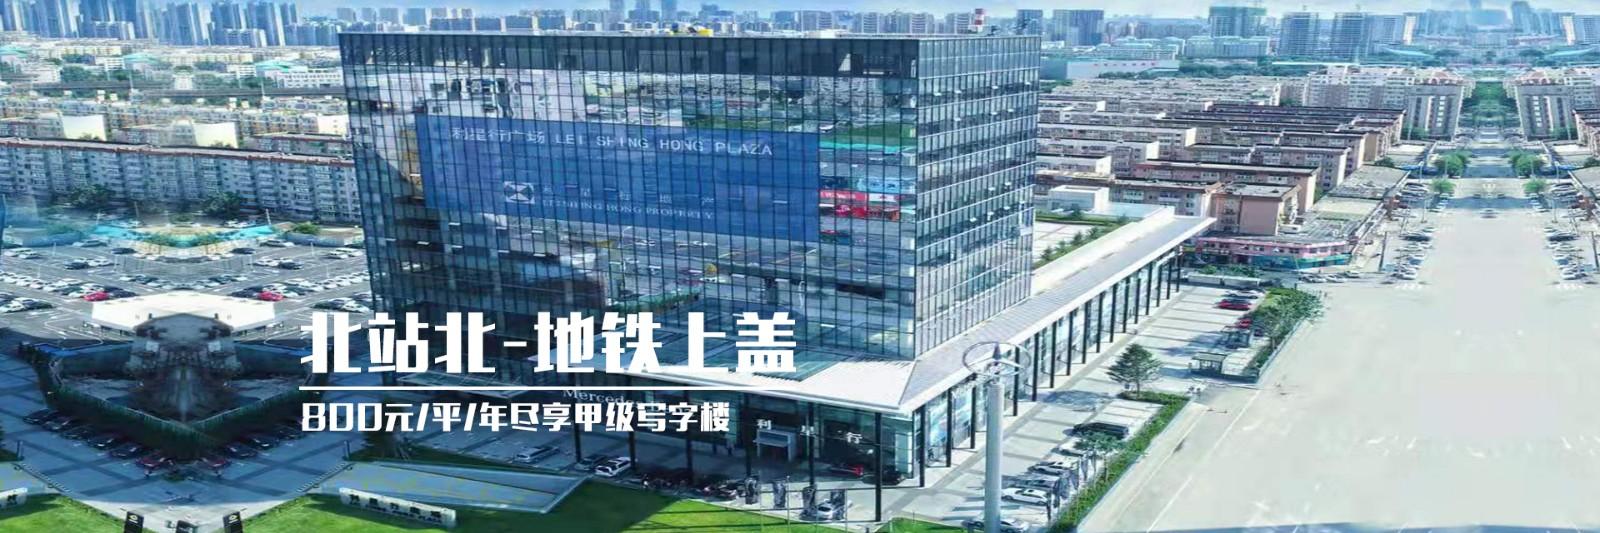 办公写字楼_高端房产中介租赁-沈阳易冠房产经纪有限公司